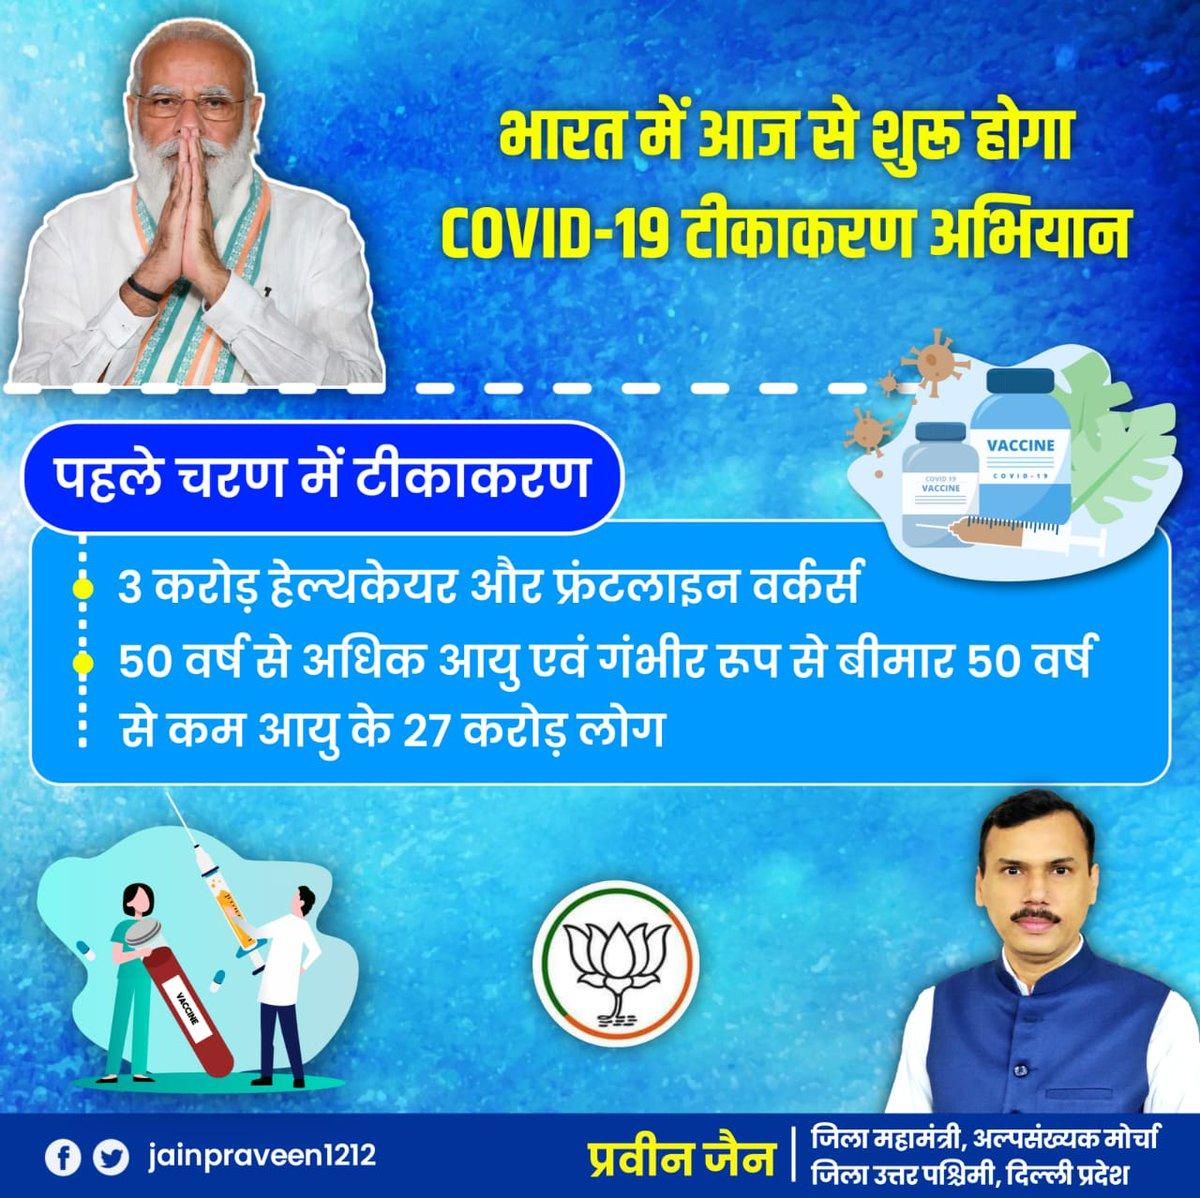 प्रधानमंत्री श्री @narendramodi जी के नेतृत्व में विश्व का सबसे बड़ा #COVID19 वैक्सीन टीकाकरण अभियान आज 16 जनवरी से शुरु हो गया है। जय हिंद 🇮🇳🇮🇳🇮🇳  @BJP4Delhi @siddharthanbjp @BJP4India @DevinderSolanki  @ChitraAggarwal2